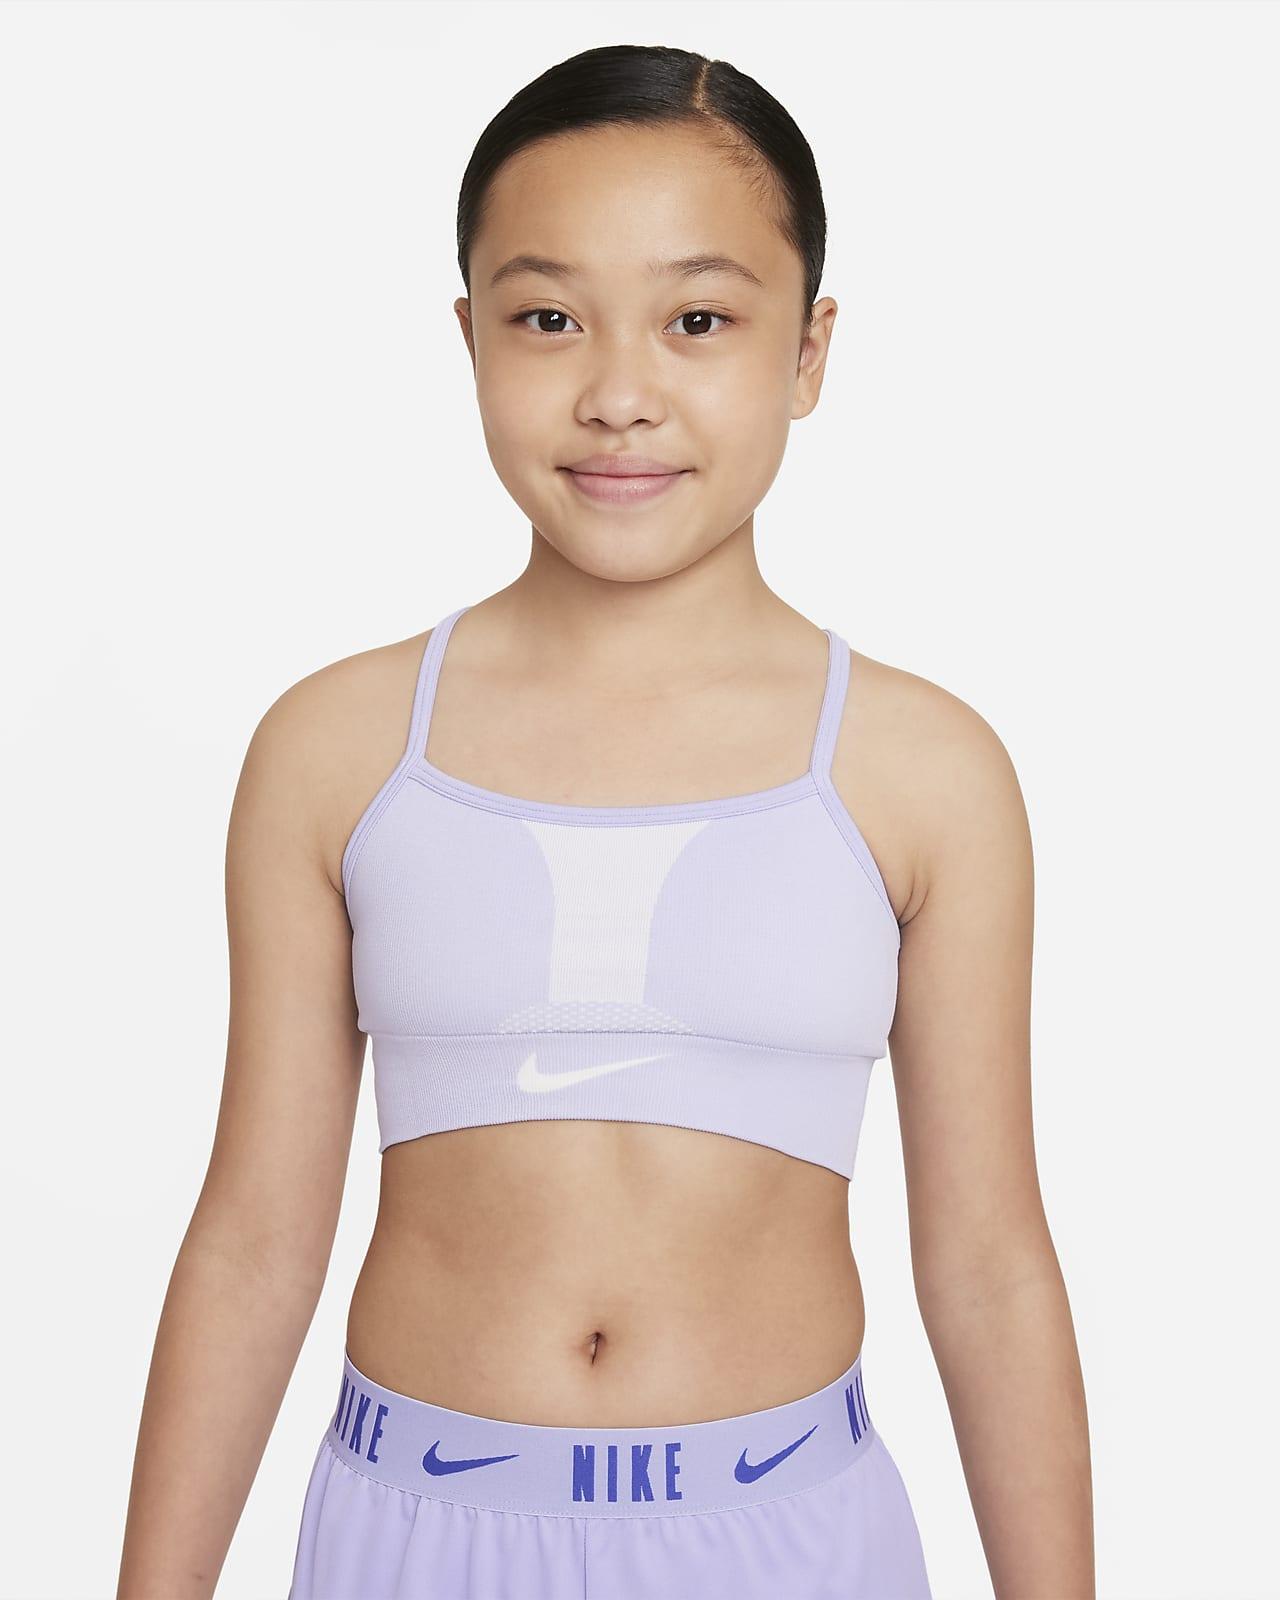 สปอร์ตบราเด็กโต Nike Dri-FIT Indy (หญิง)